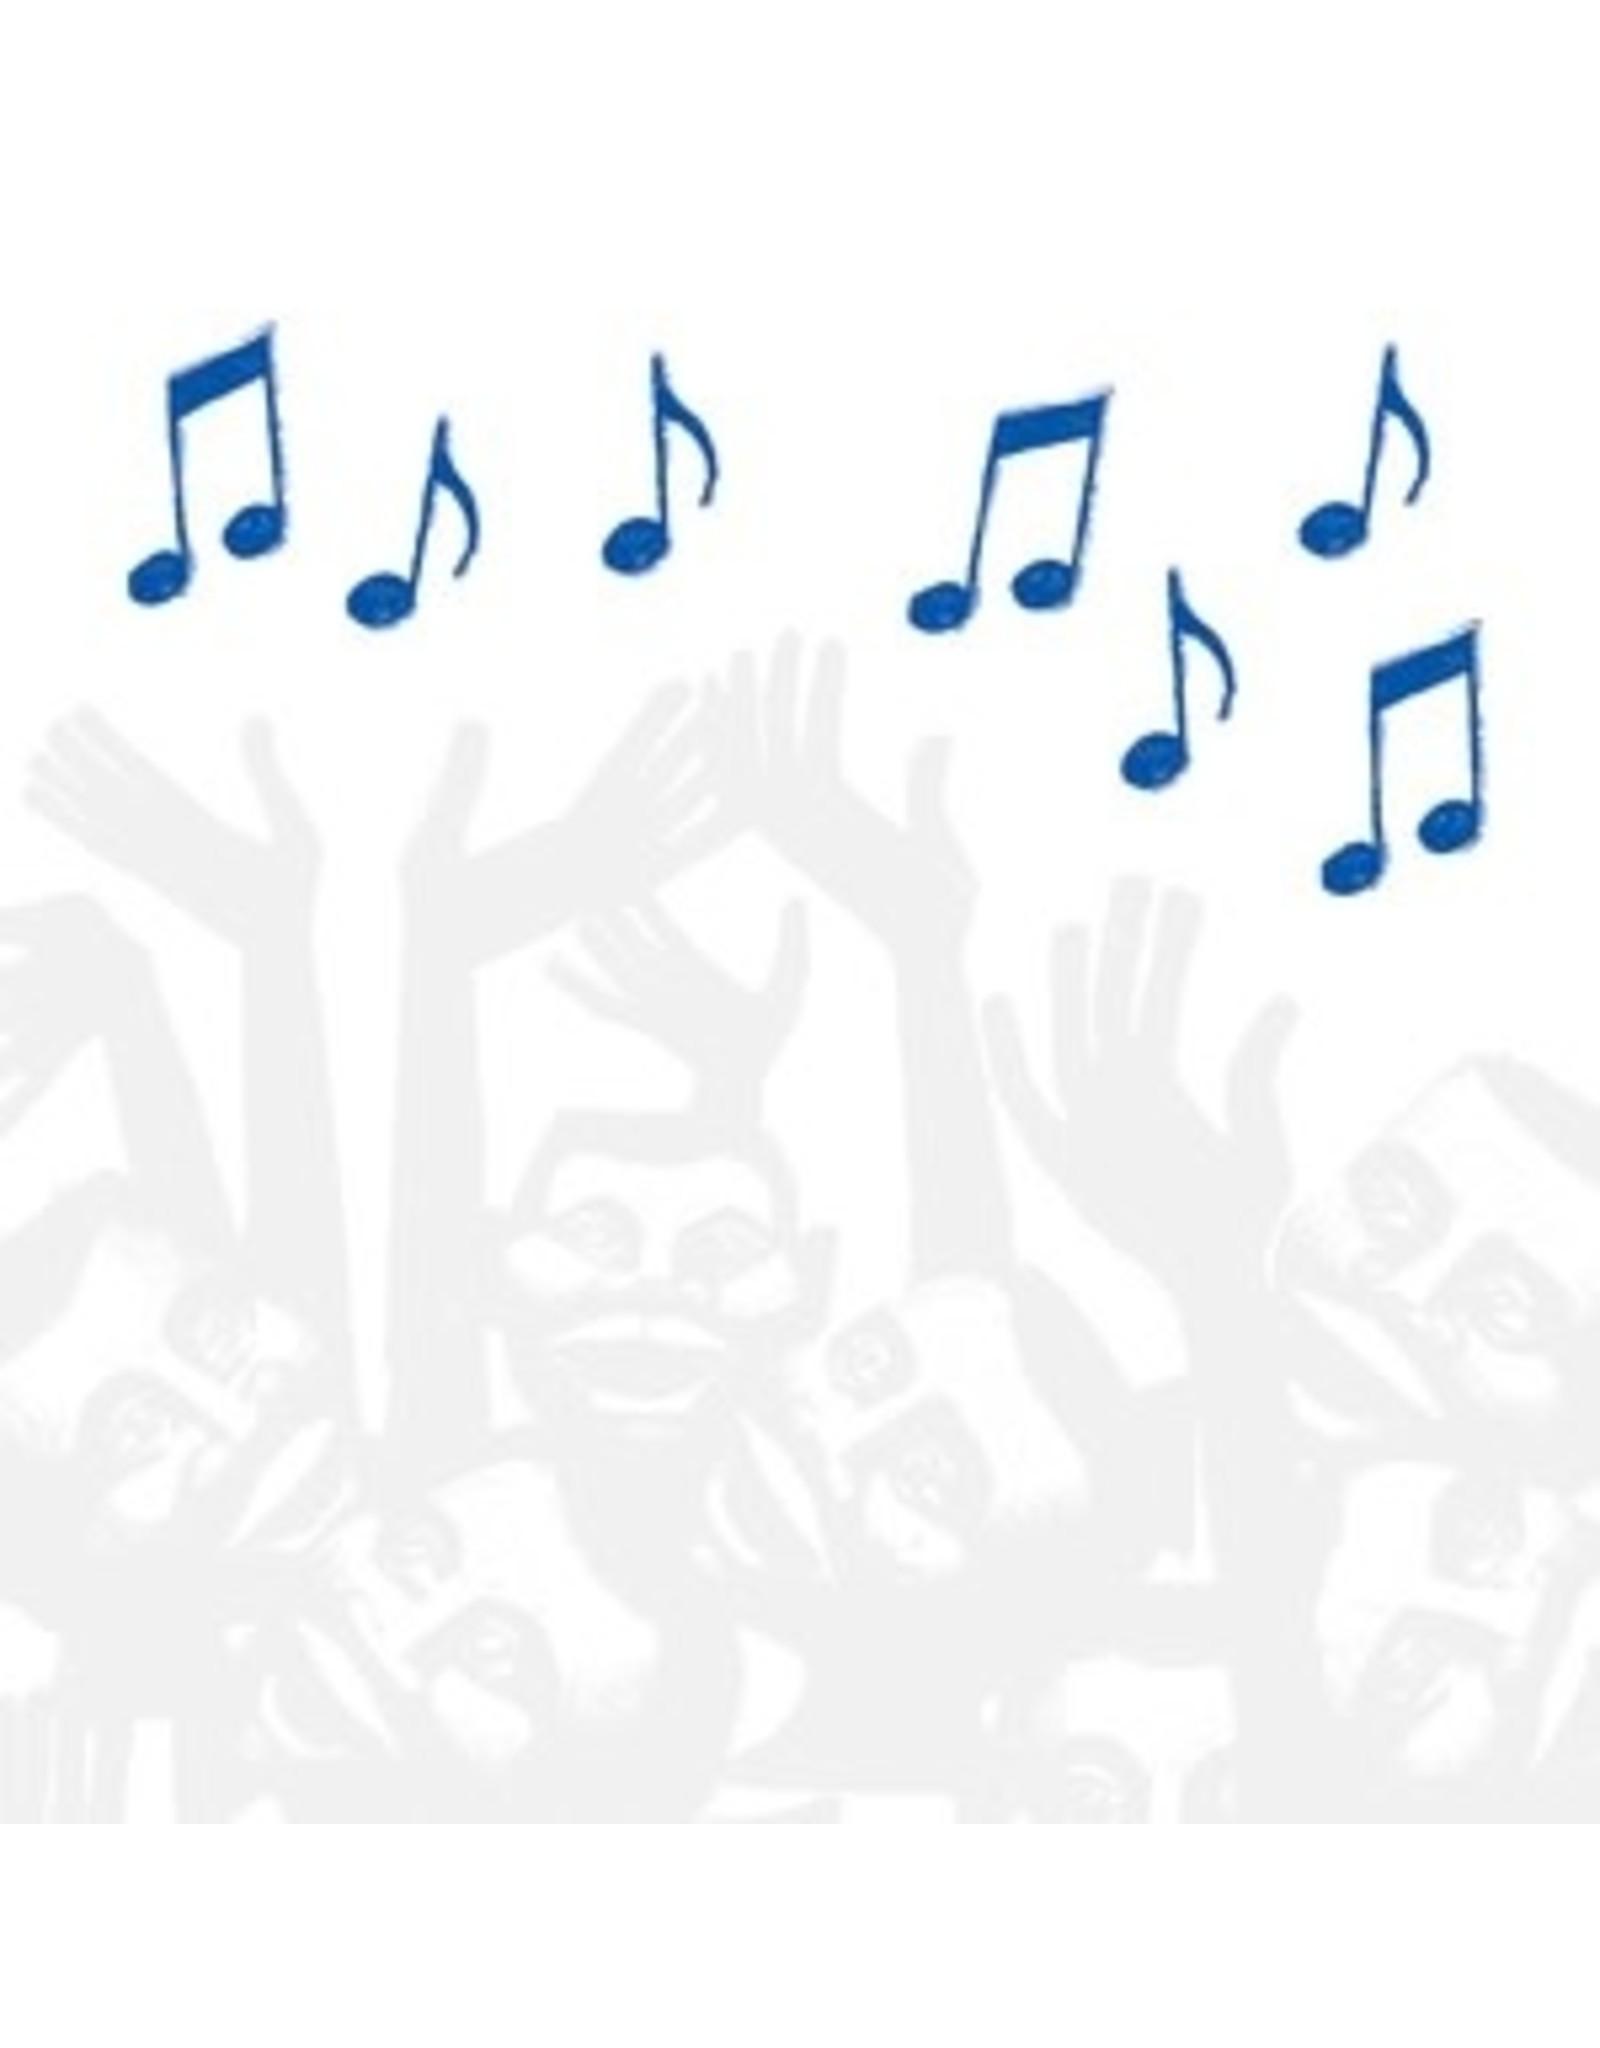 Jazzman Various: Spiritual Jazz 9: Blue Notes Part 1 LP